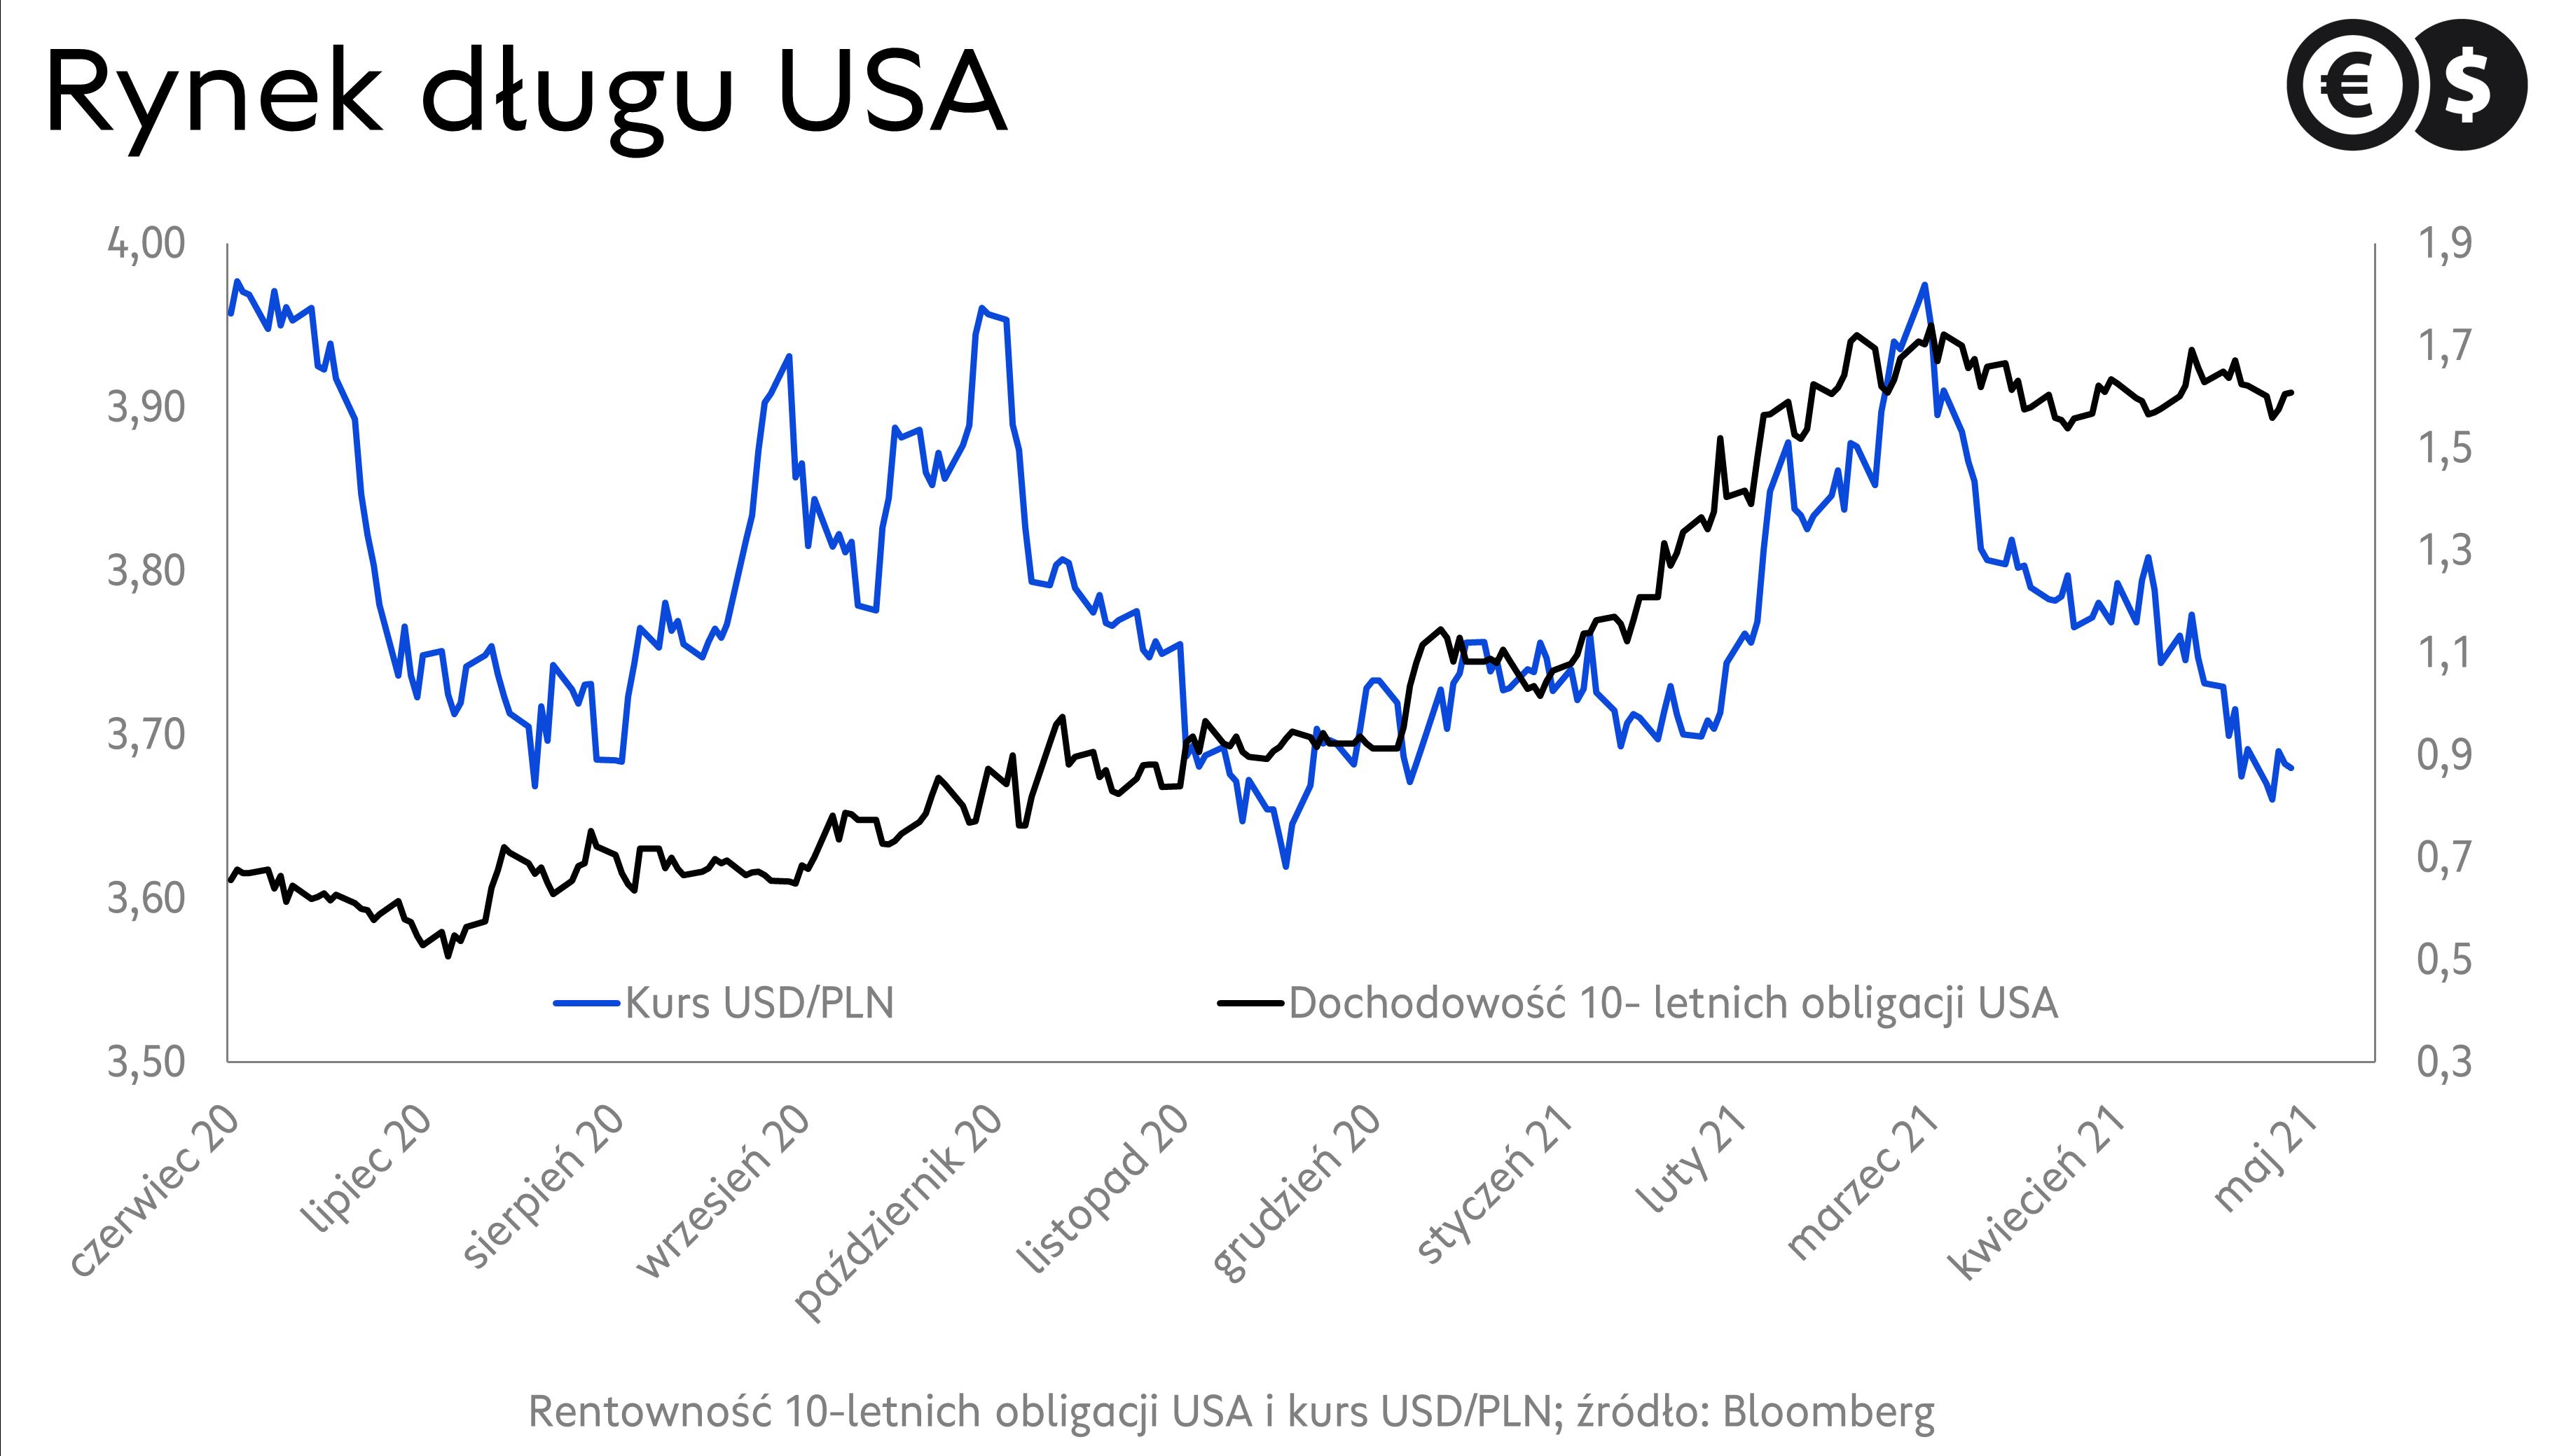 Kurs dolara, wykres USD/PLN na tle rynku długu USA; źródło: Bloomberg